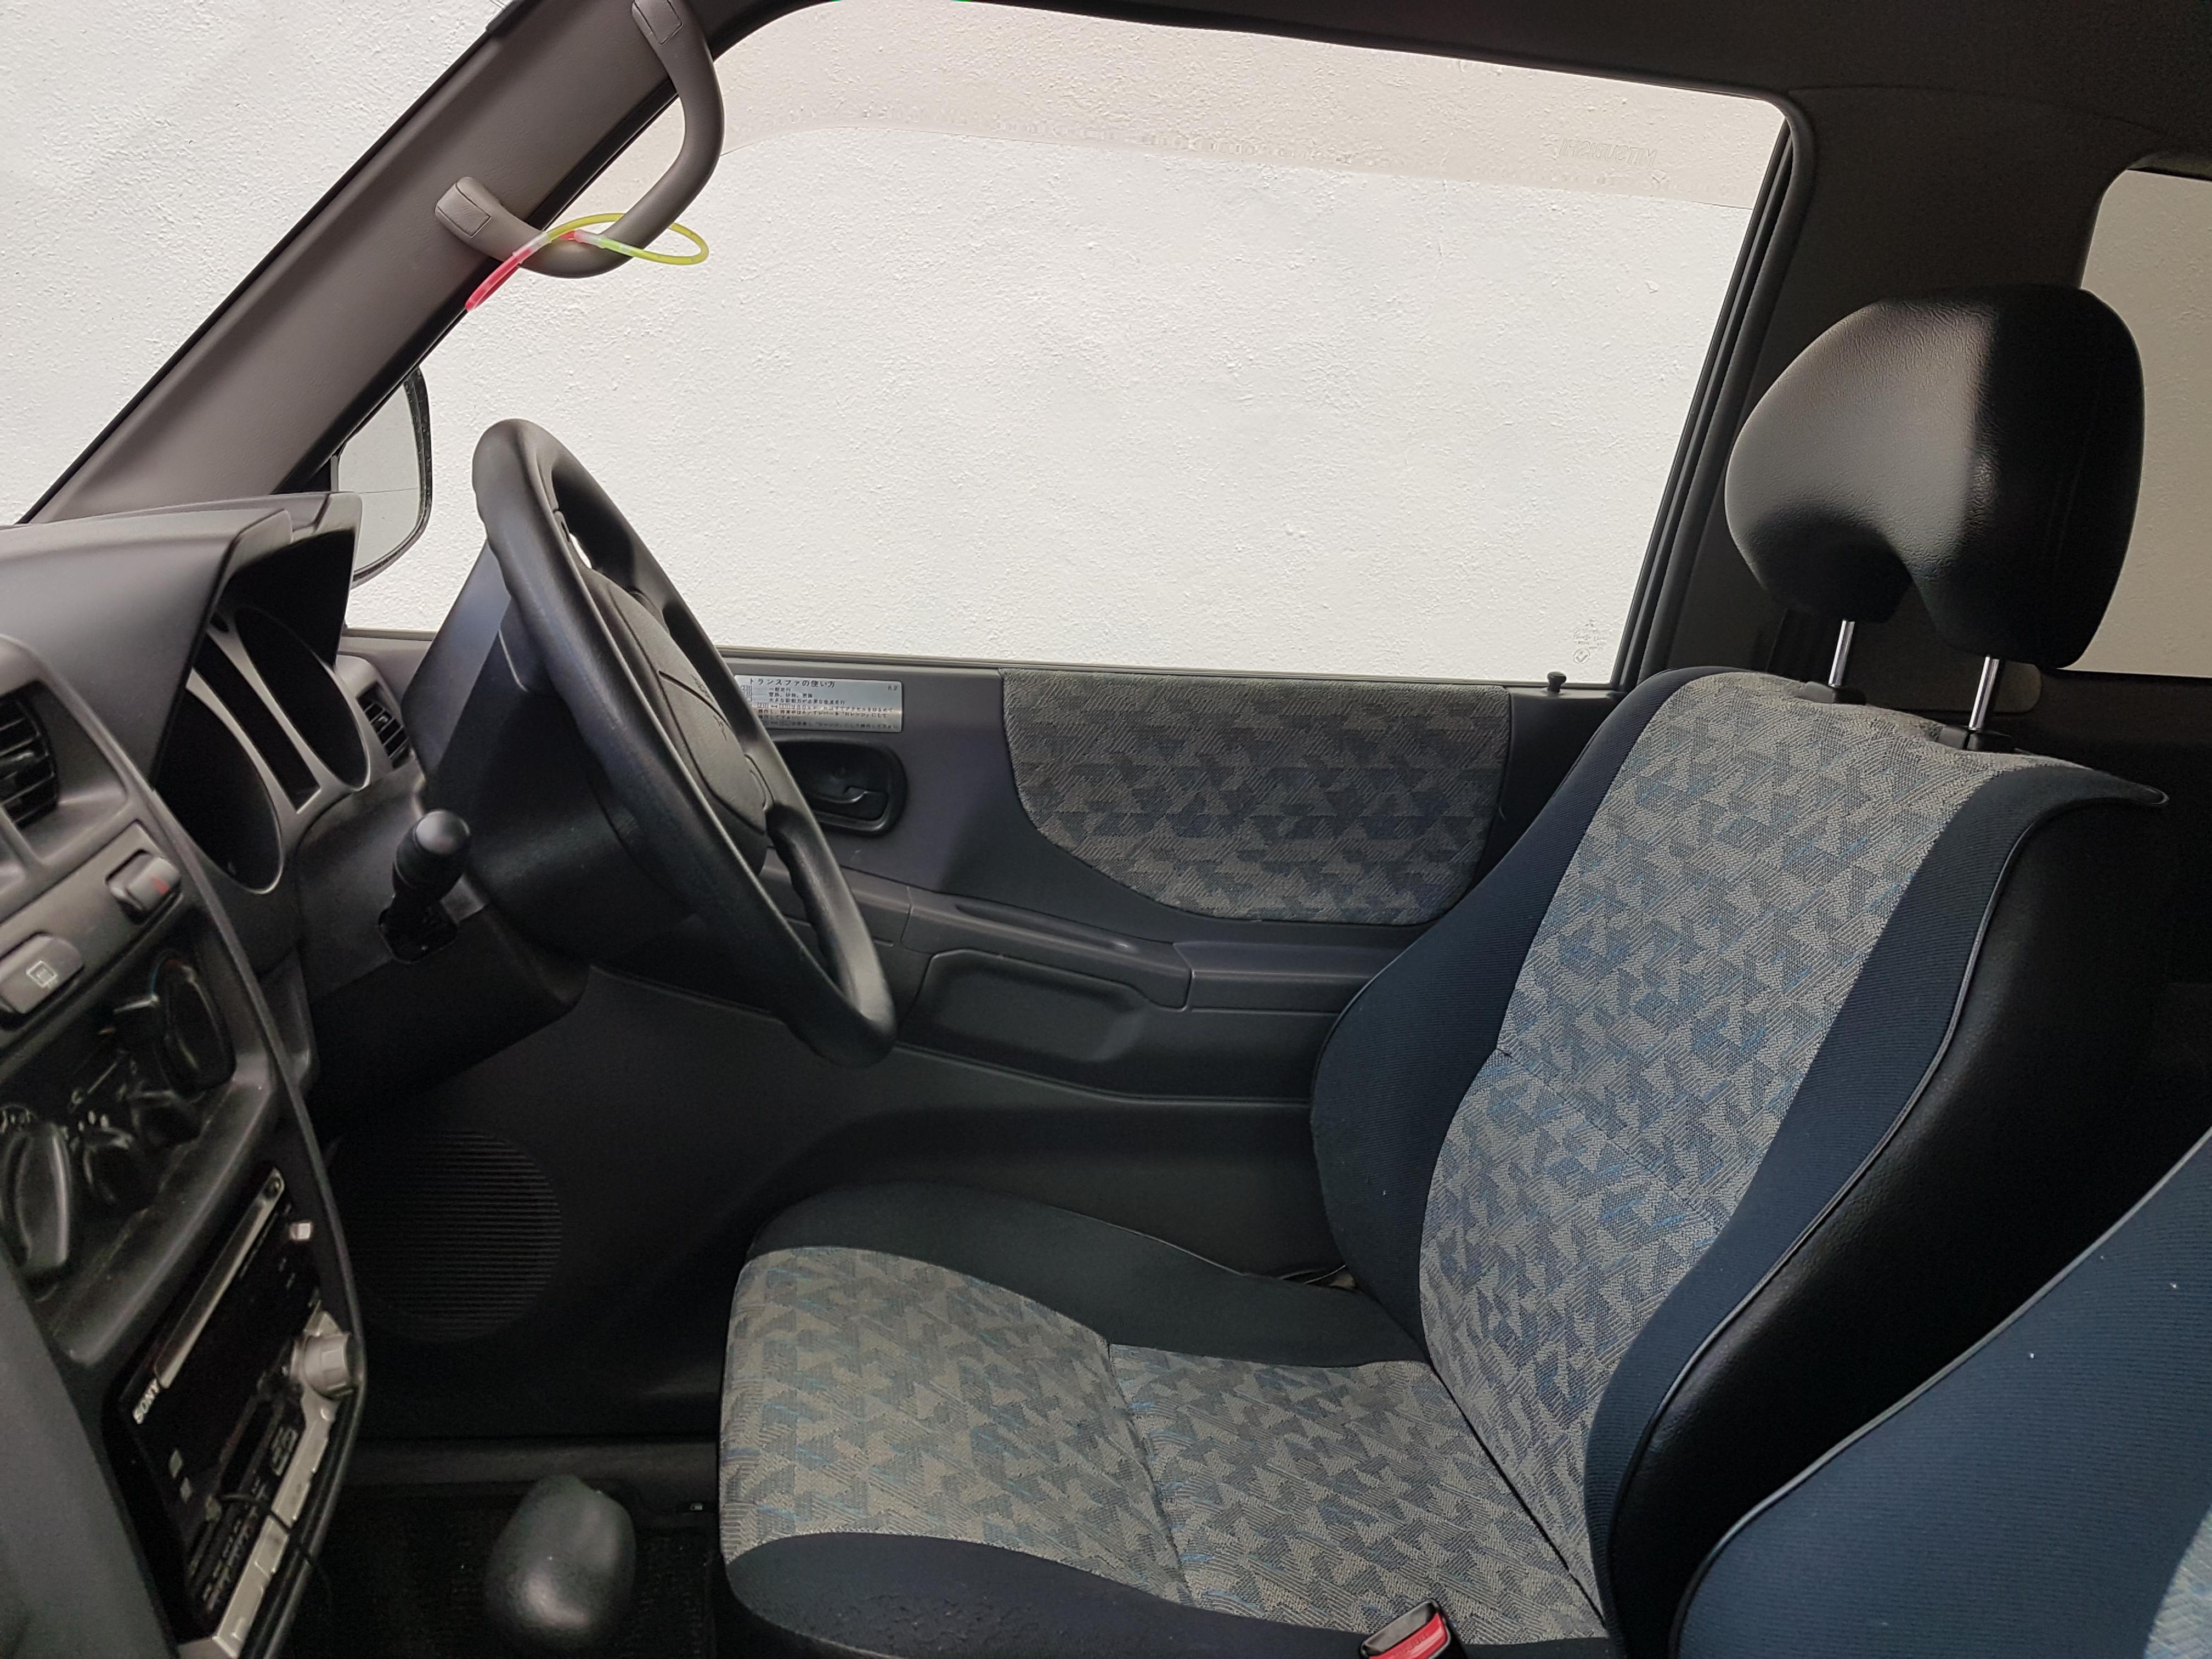 File:Mitsubishi Pajero Mini interior - Flickr - dave 7 jpg